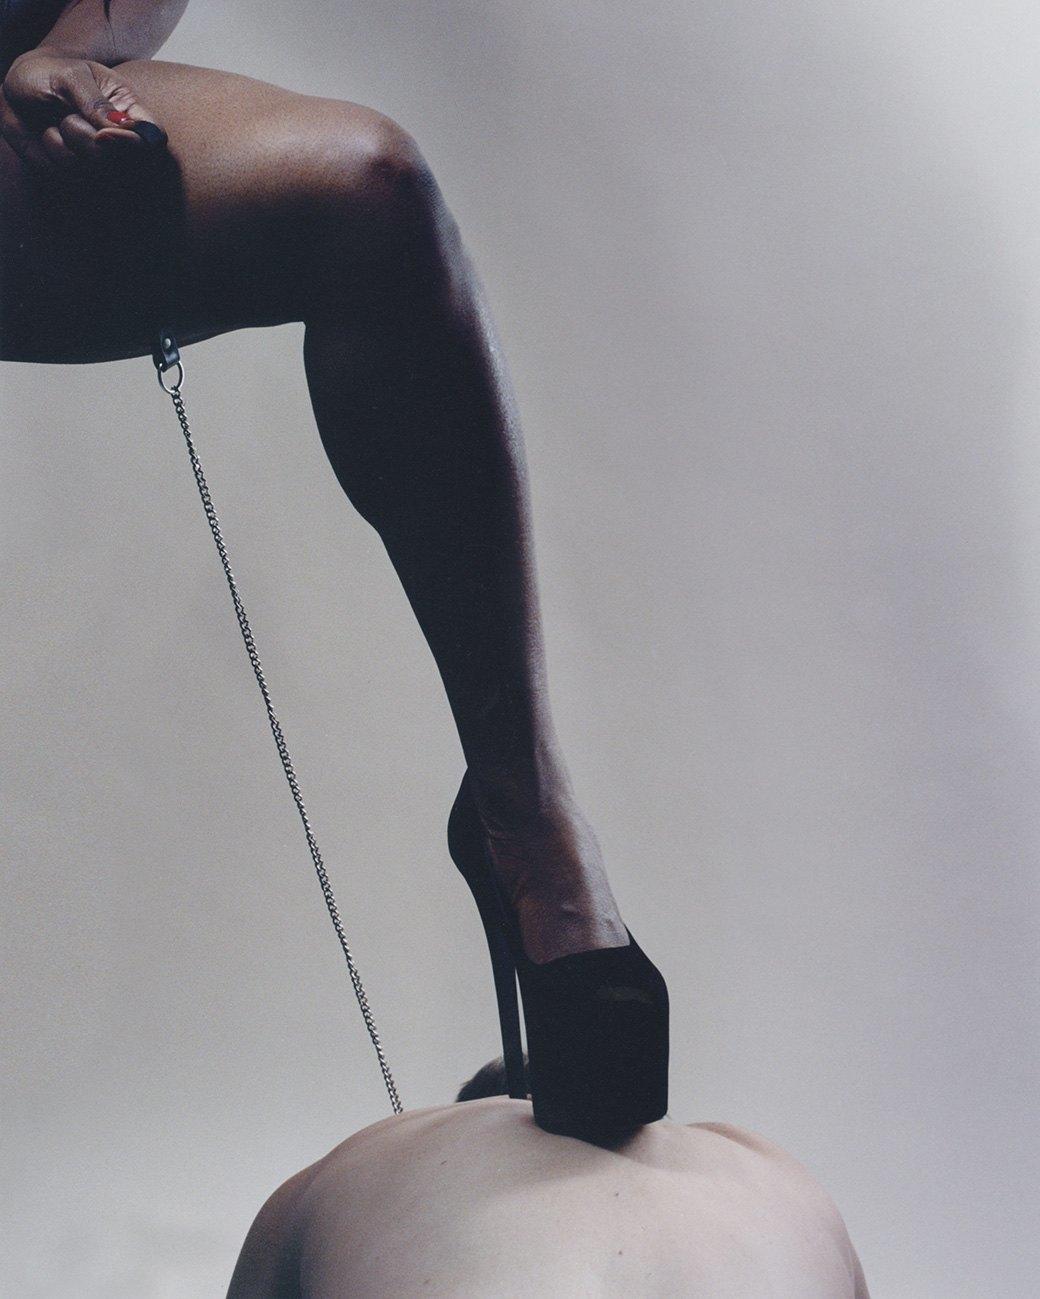 Моя госпожа: Фотограф Кейт Питерс исследует вопросы доминирования женщин в сексе. Изображение № 17.